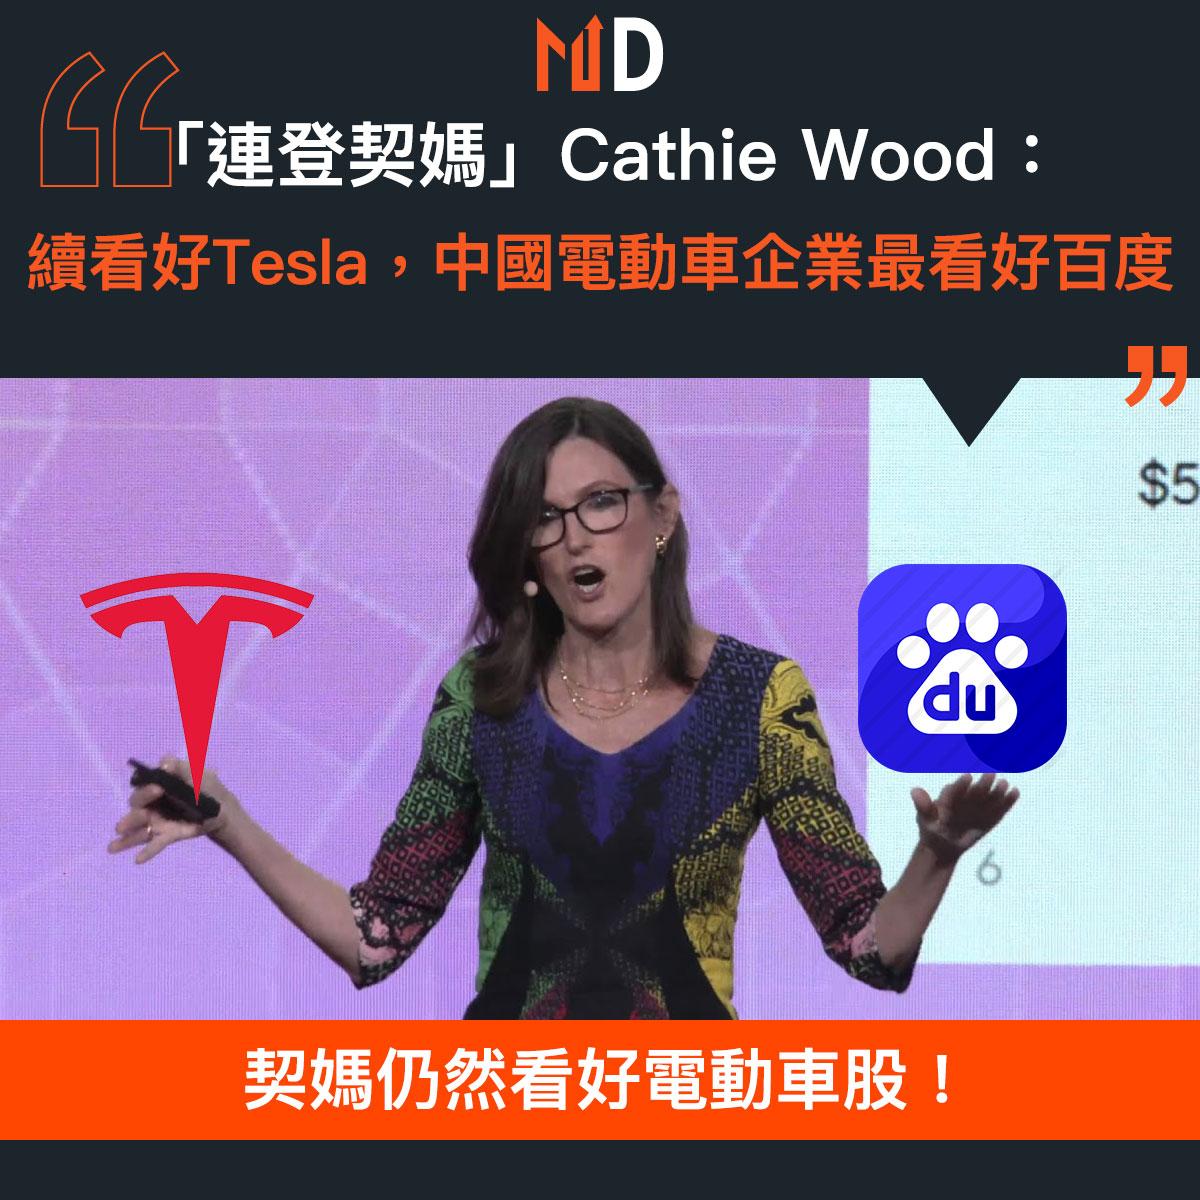 【連登契媽】Cathie Wood:續看好Tesla,中國電動車企業最看好百度